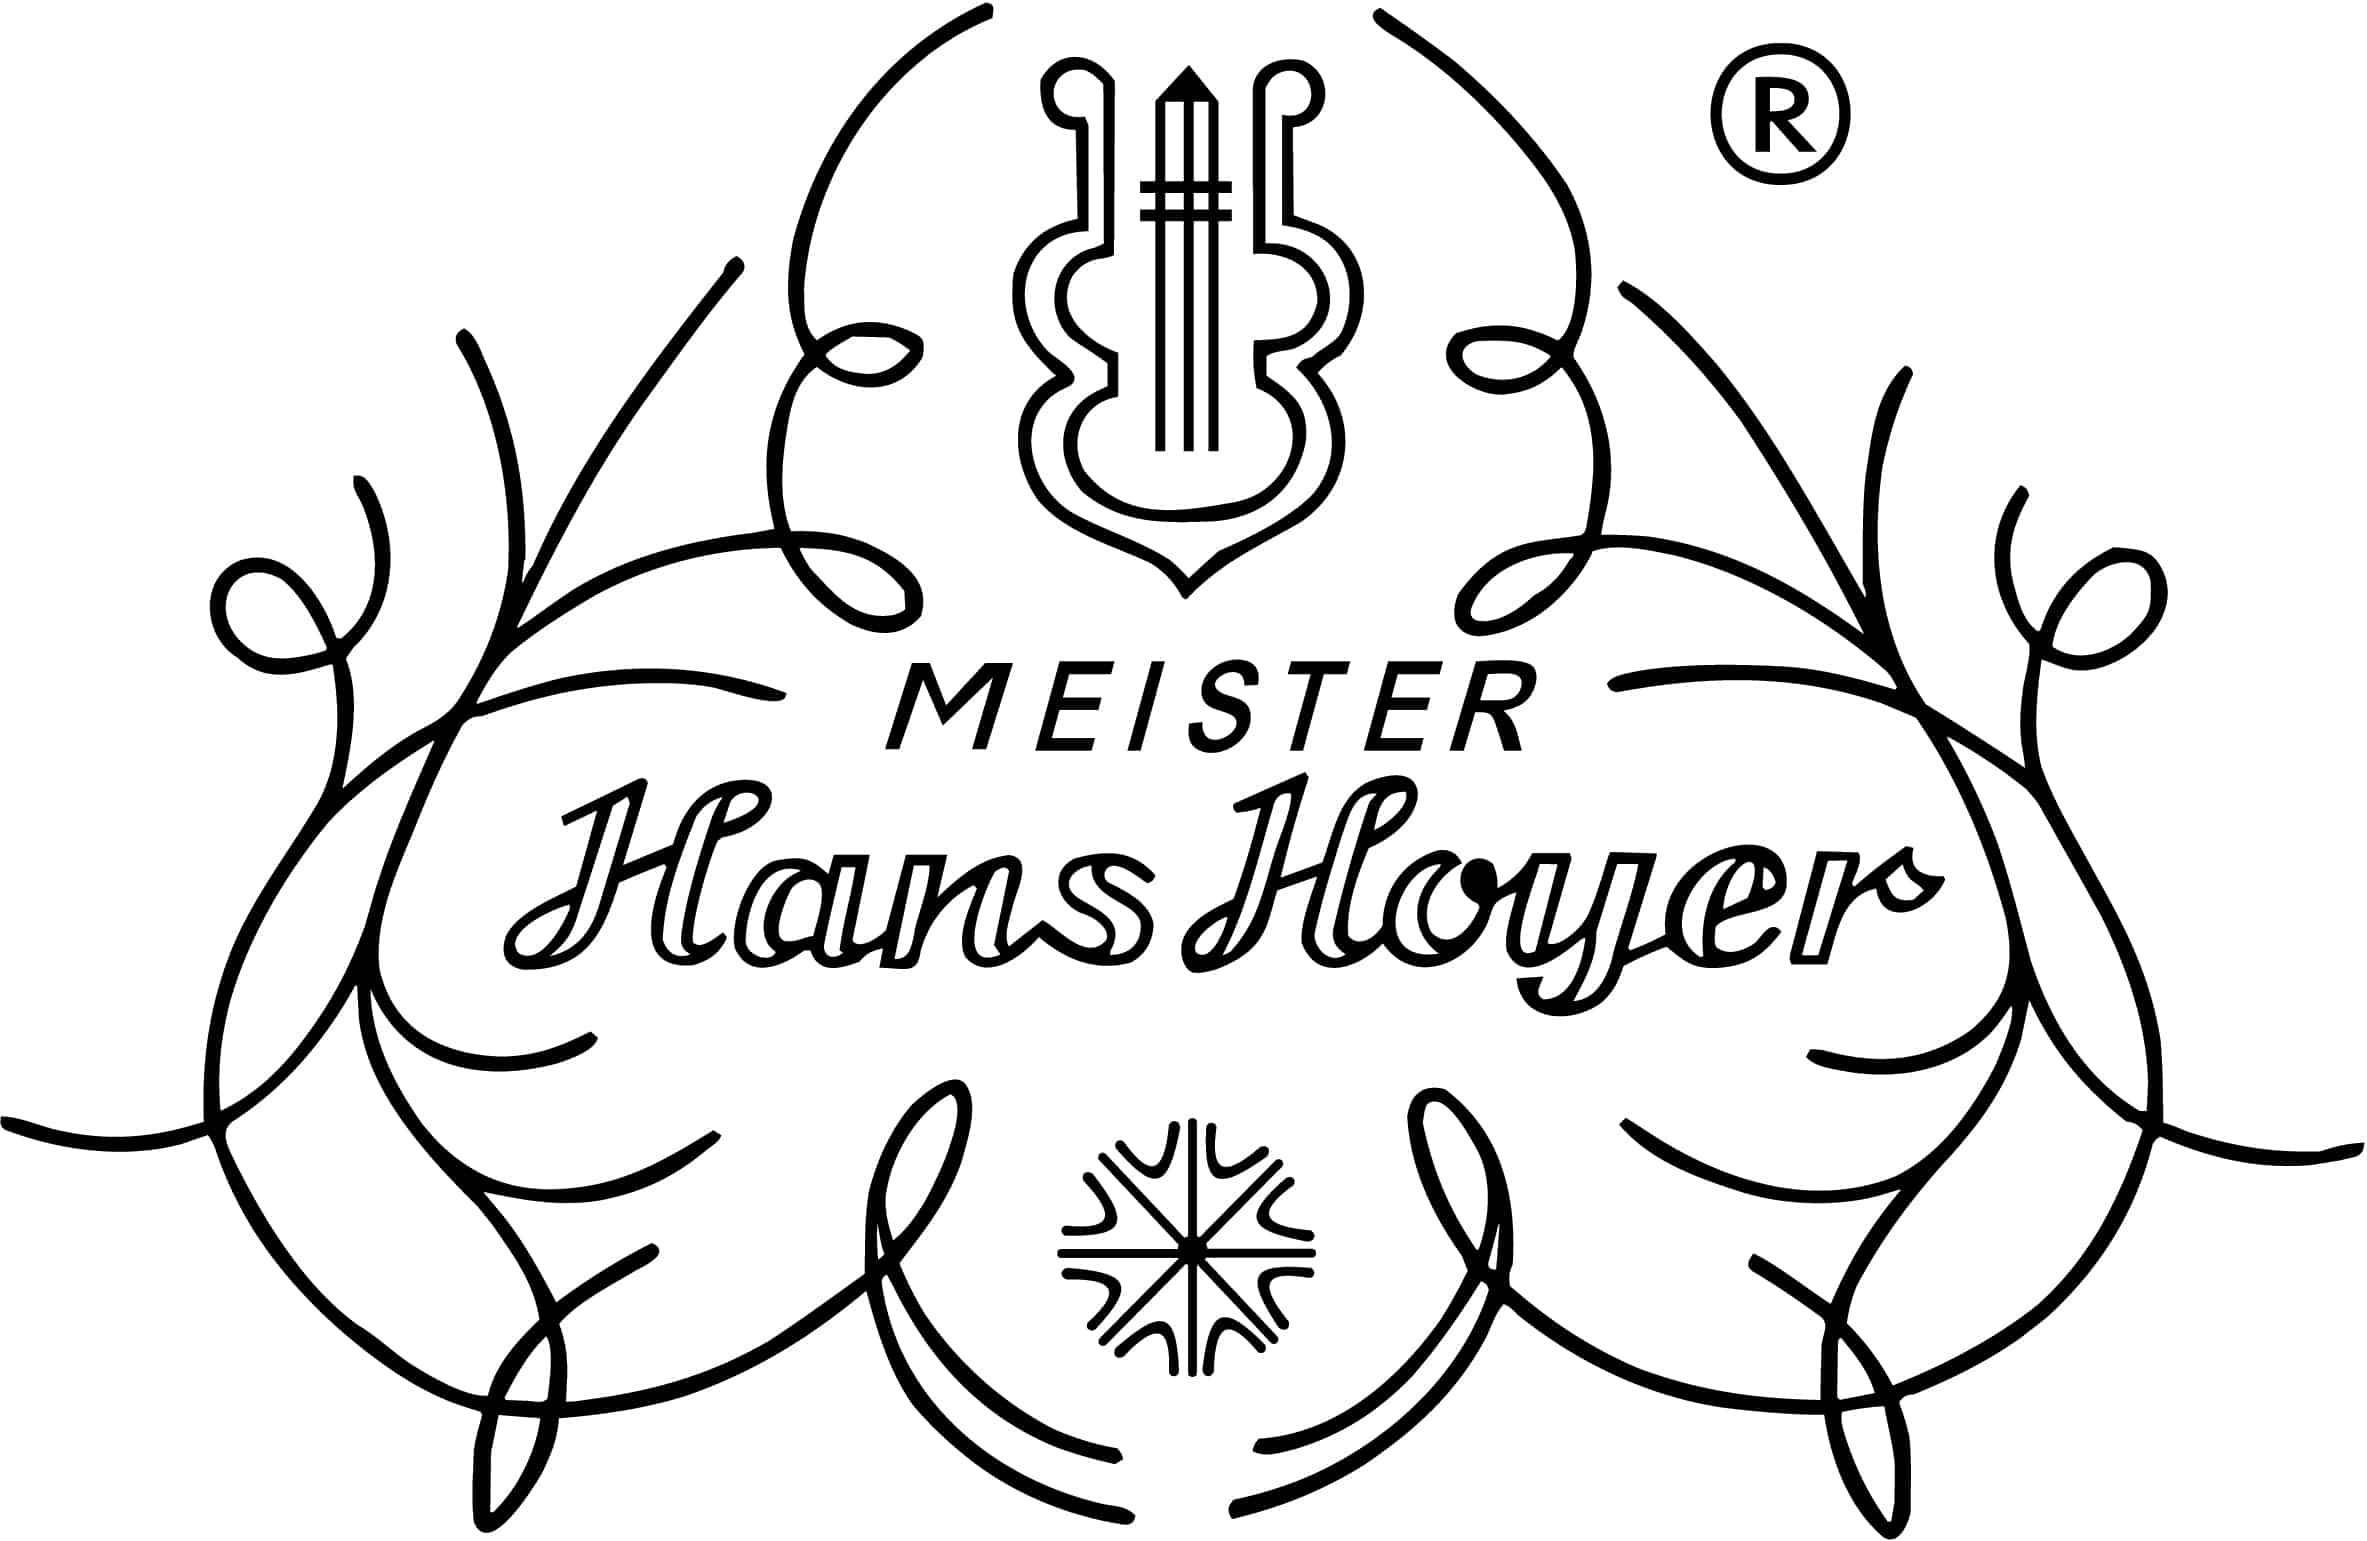 Hans hoyer